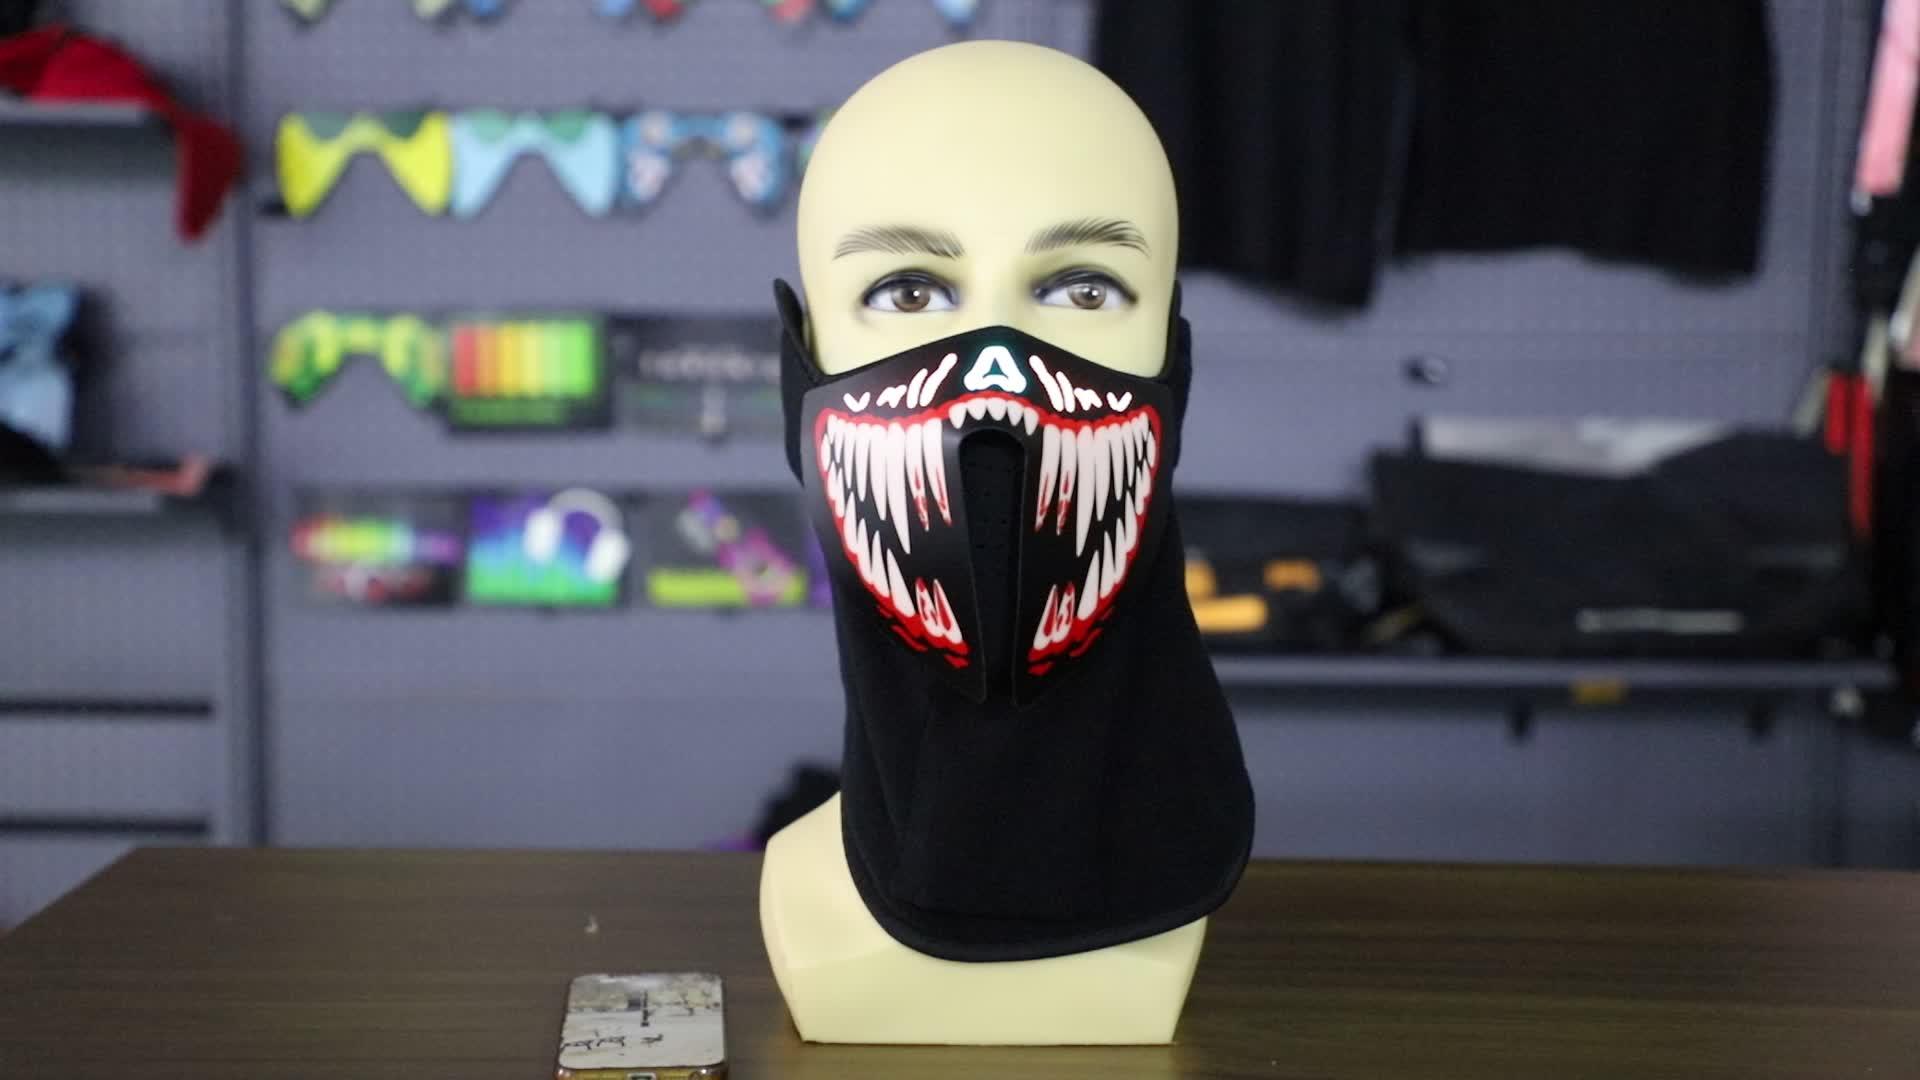 गर्म बिक्री फैशन कस्टम बहु रंग cosplay ध्वनि सक्रिय त्योहार के लिए पार्टी हेलोवीन मुखौटा ऊपर प्रकाश का नेतृत्व किया